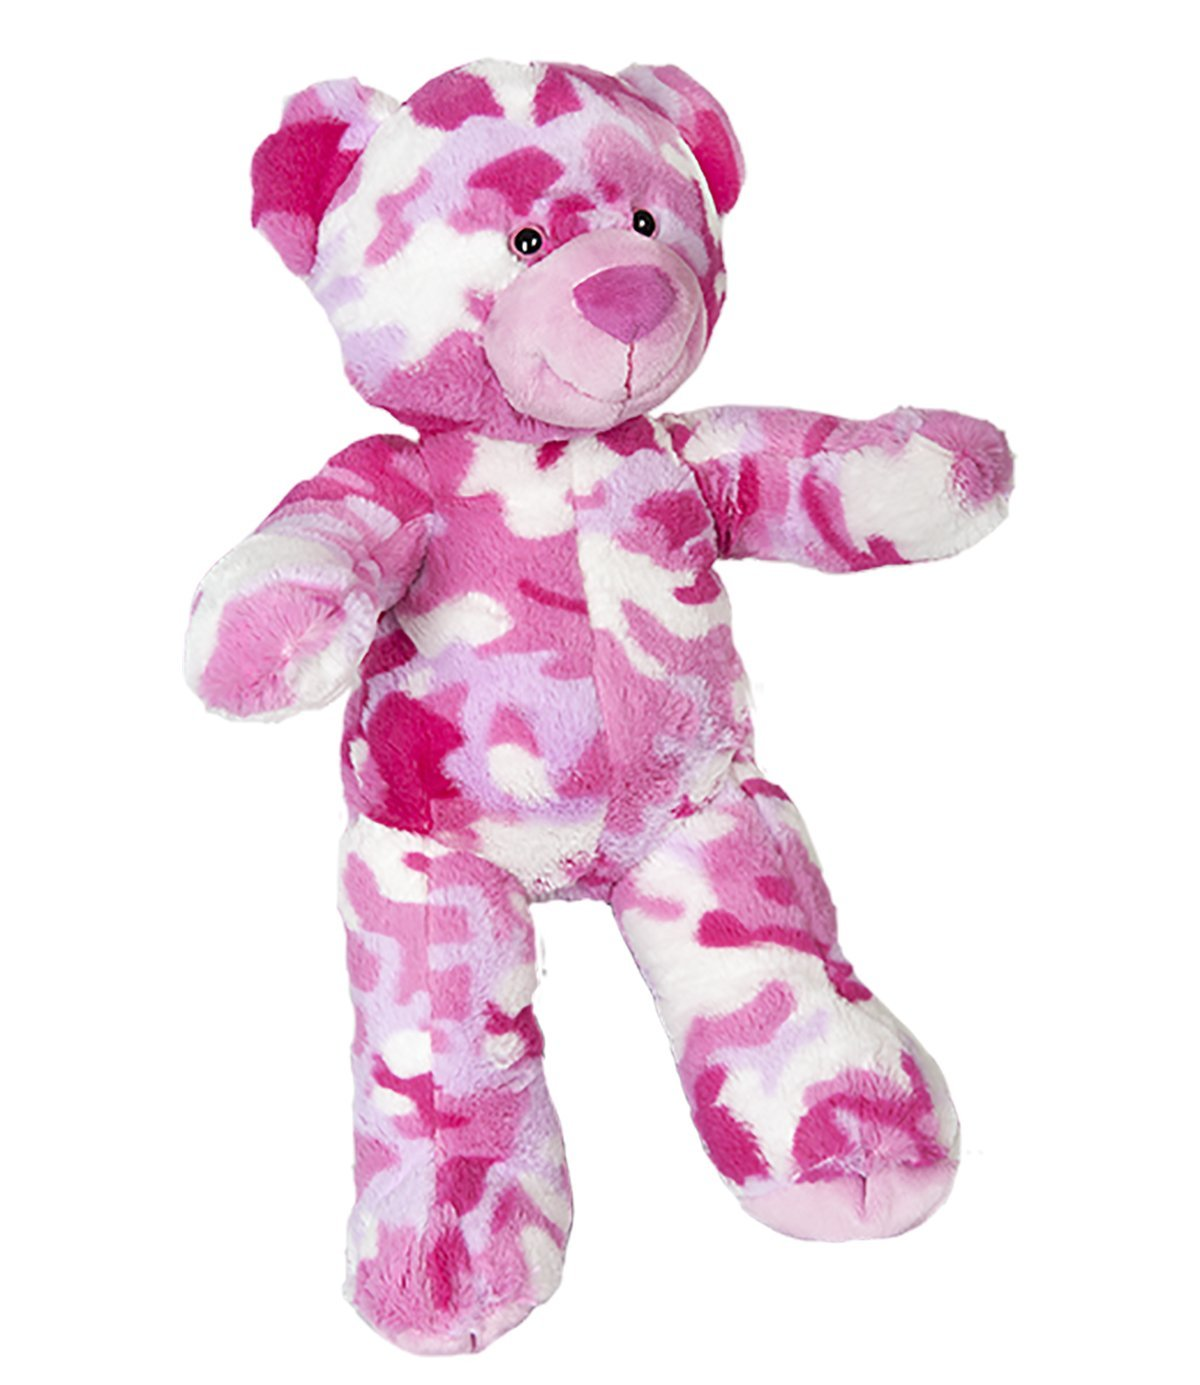 Cuddly Soft 8 inch Stuffed Pink Camo Teddy Bear - We stuff 'em...you love 'em! - $11.75